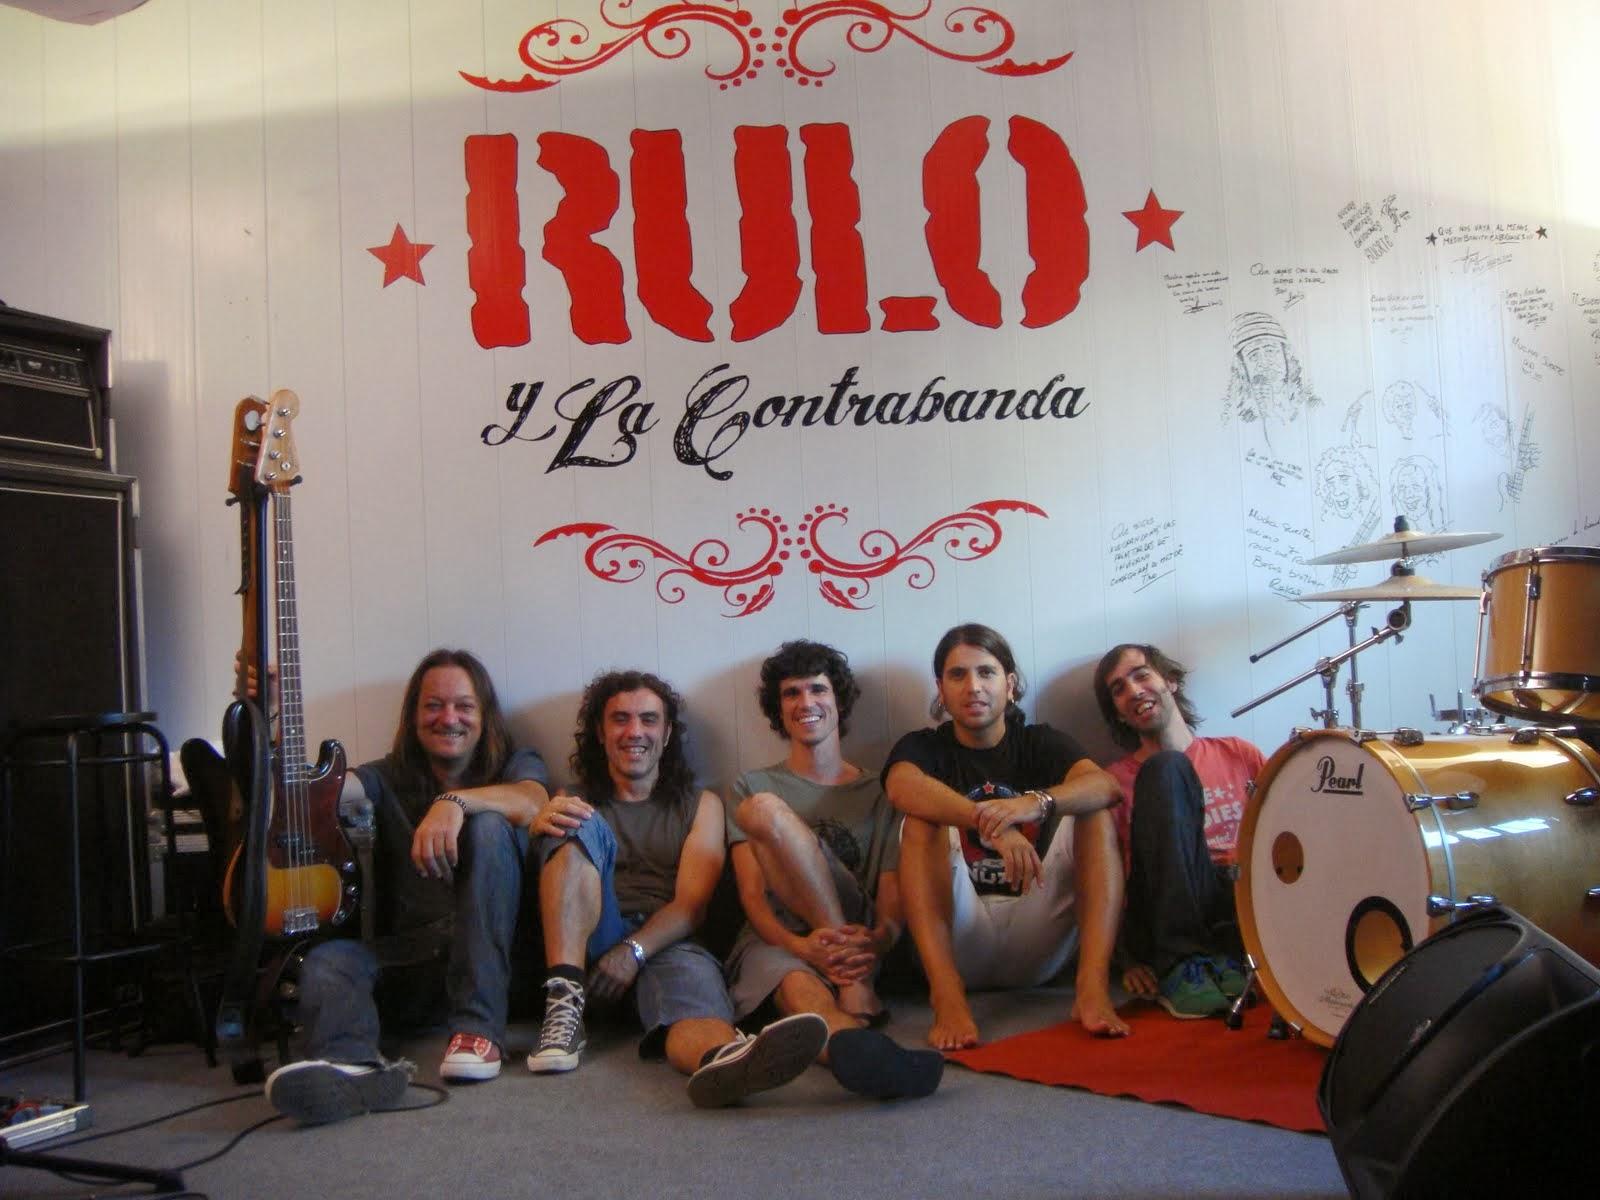 Frases De Canciones Frases De Rulo Y La Contrabanda